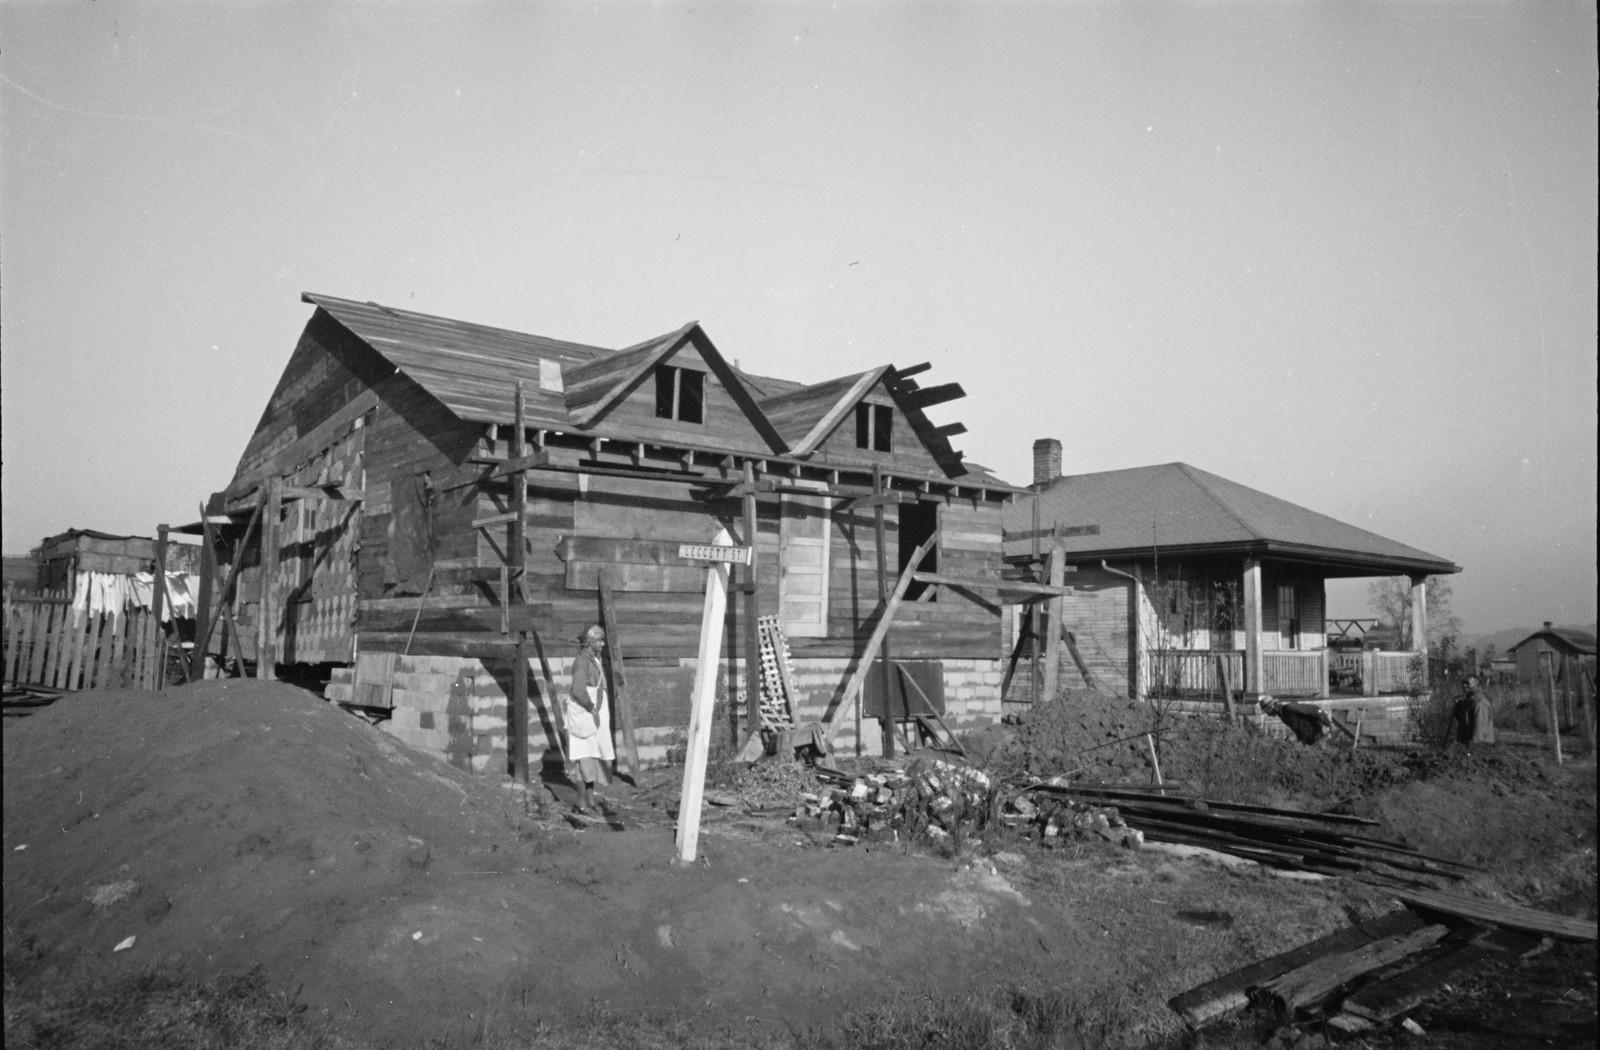 05. Типичный полу-построенный дом, округ Гамильтон, Огайо